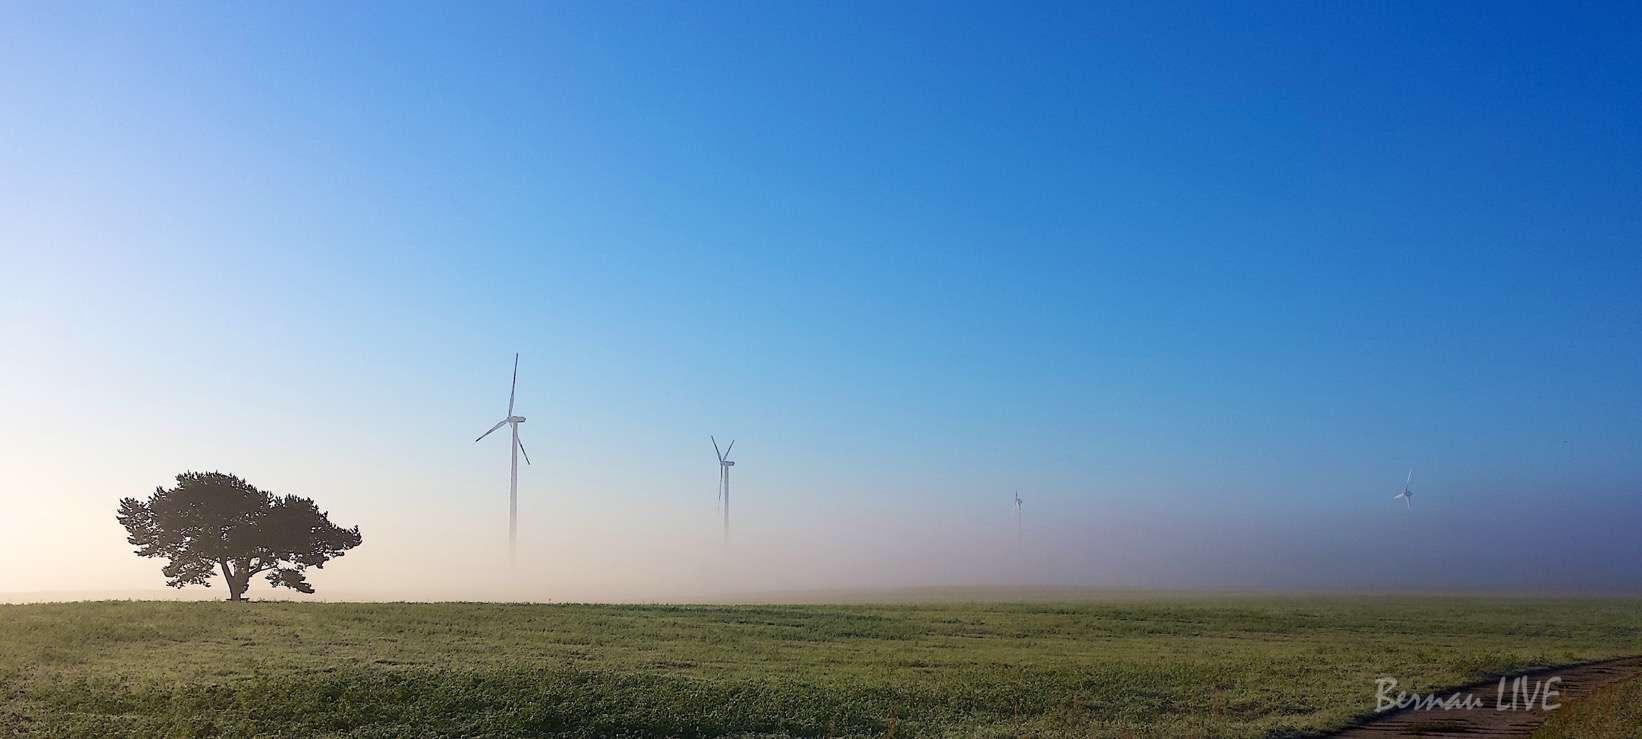 Windräder ab 120 Meter erhalten in Bernau eine Schallprüfung